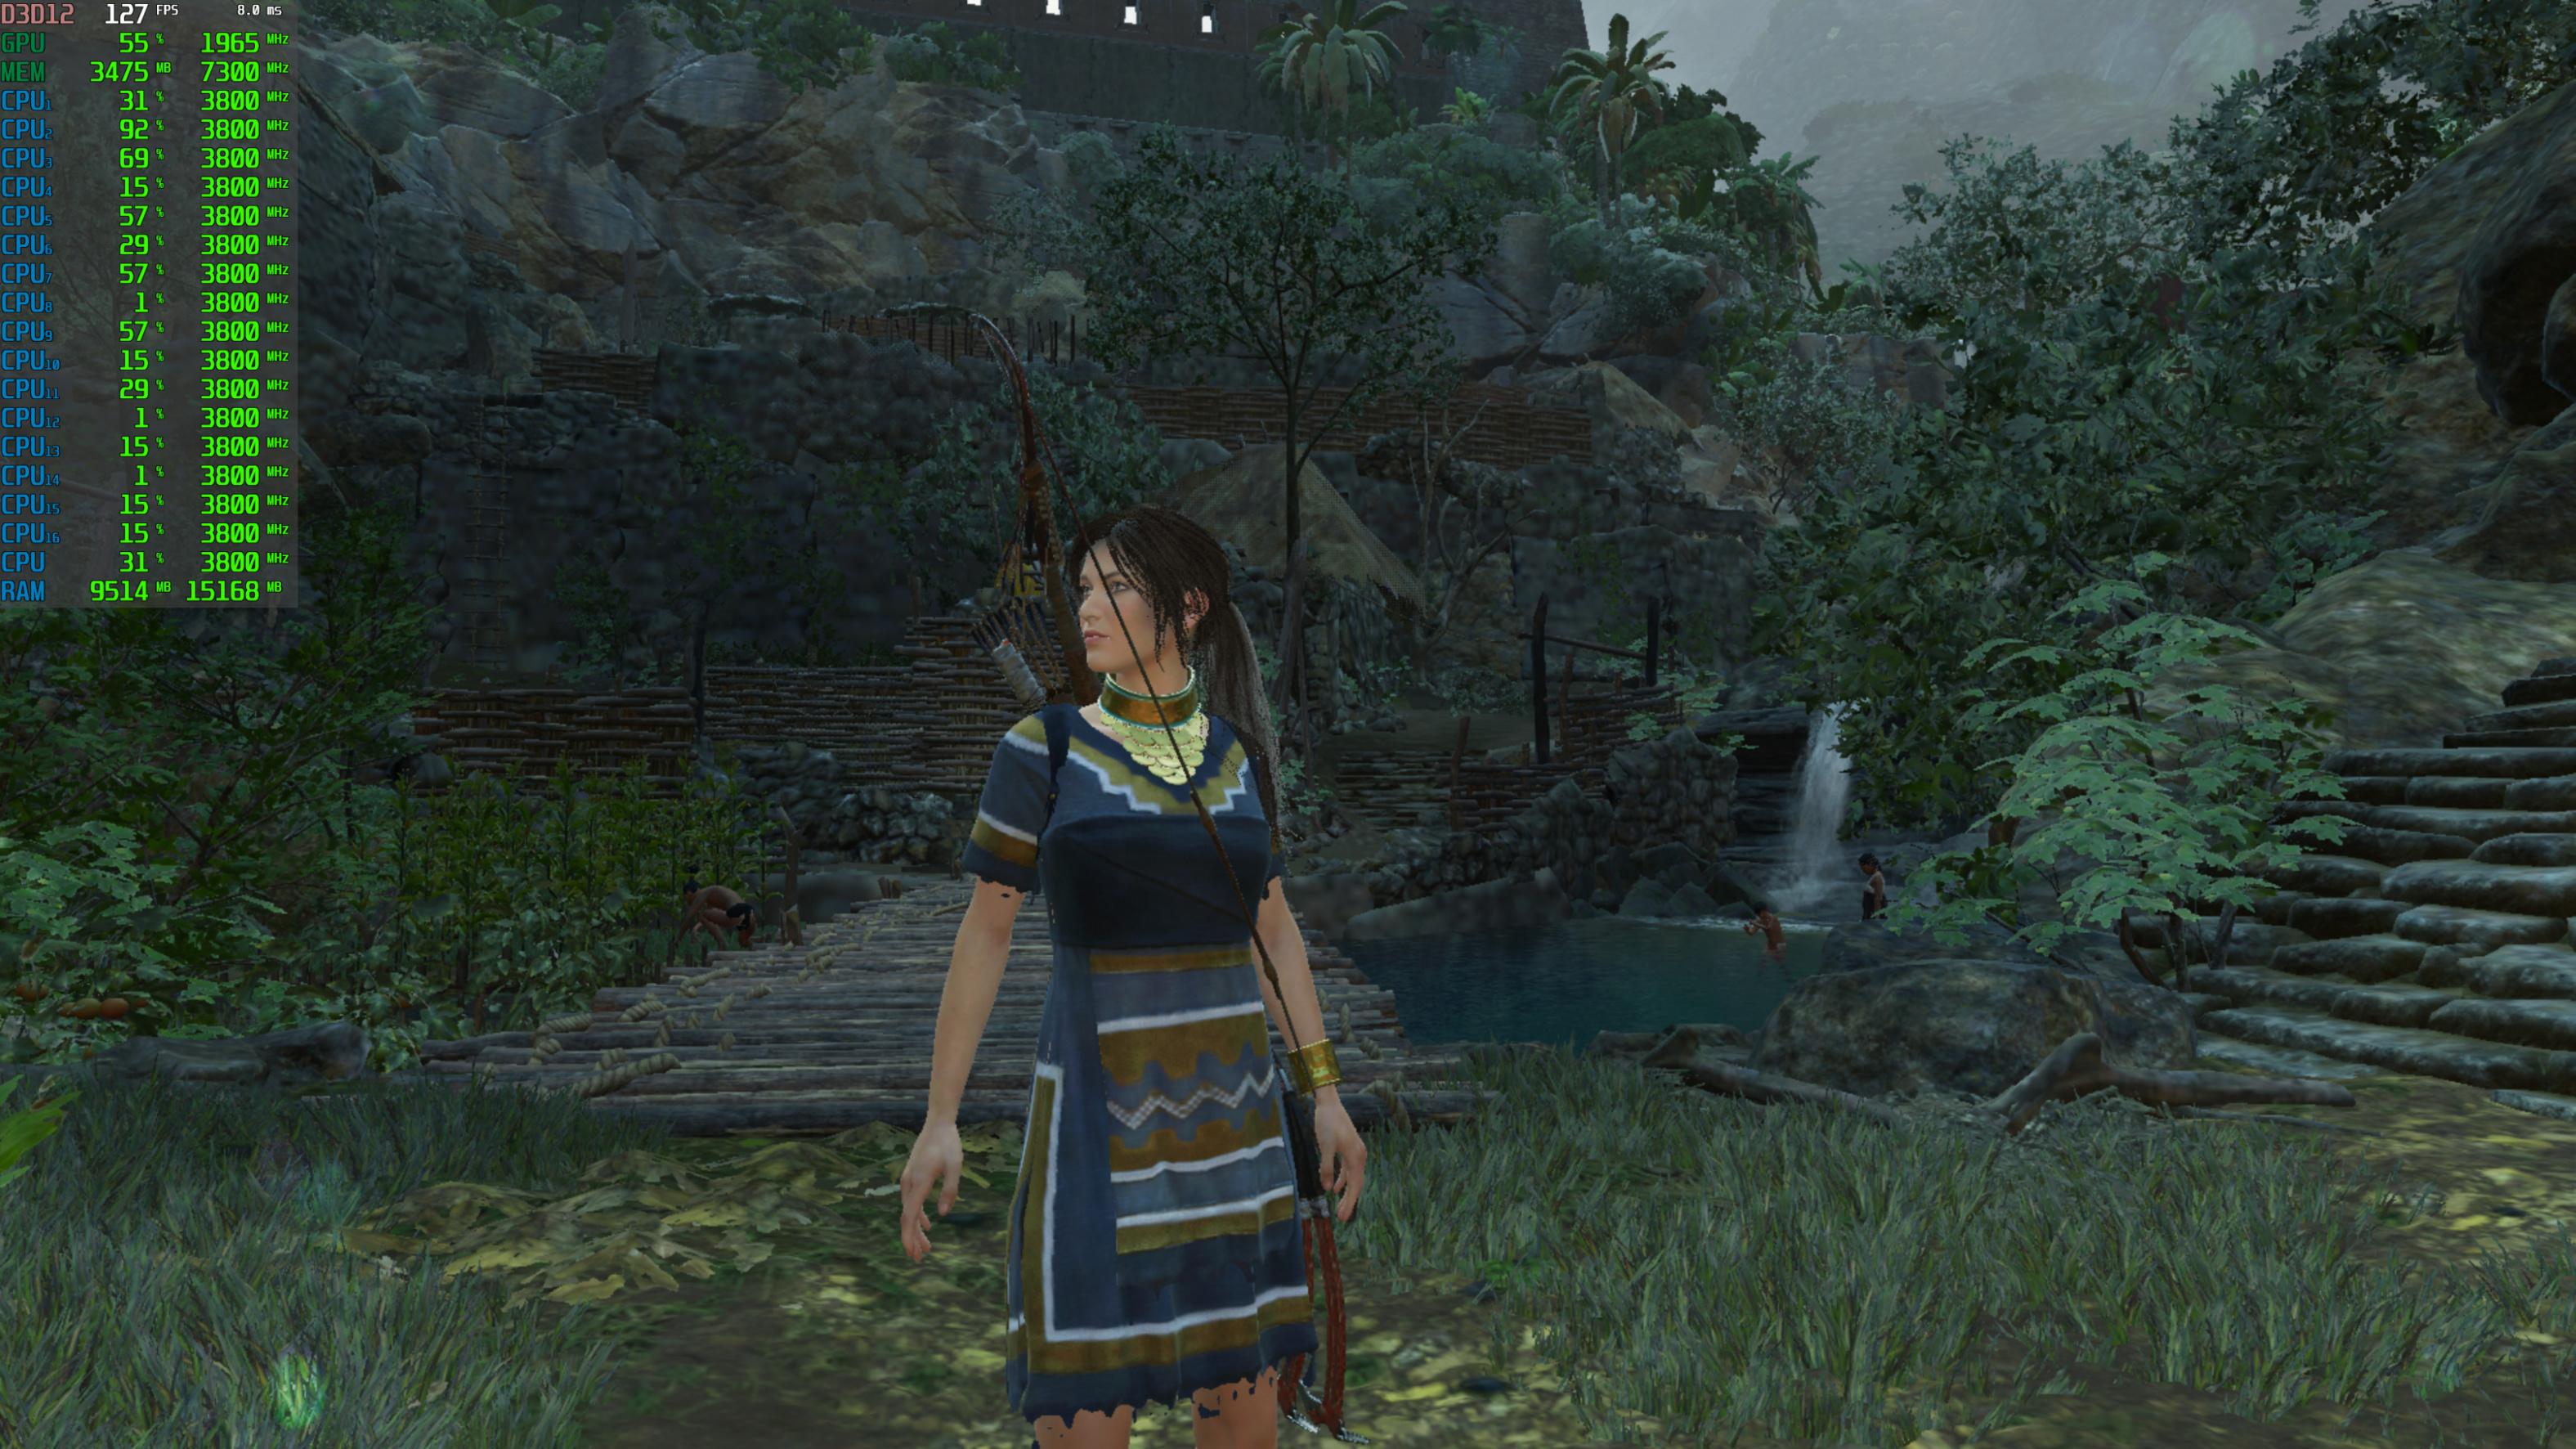 Klicken Sie auf die Grafik für eine größere Ansicht  Name:Shadow of the Tomb Raider Screenshot 2019.04.13 - 17.26.29.23.jpg Hits:436 Größe:2,00 MB ID:1054335